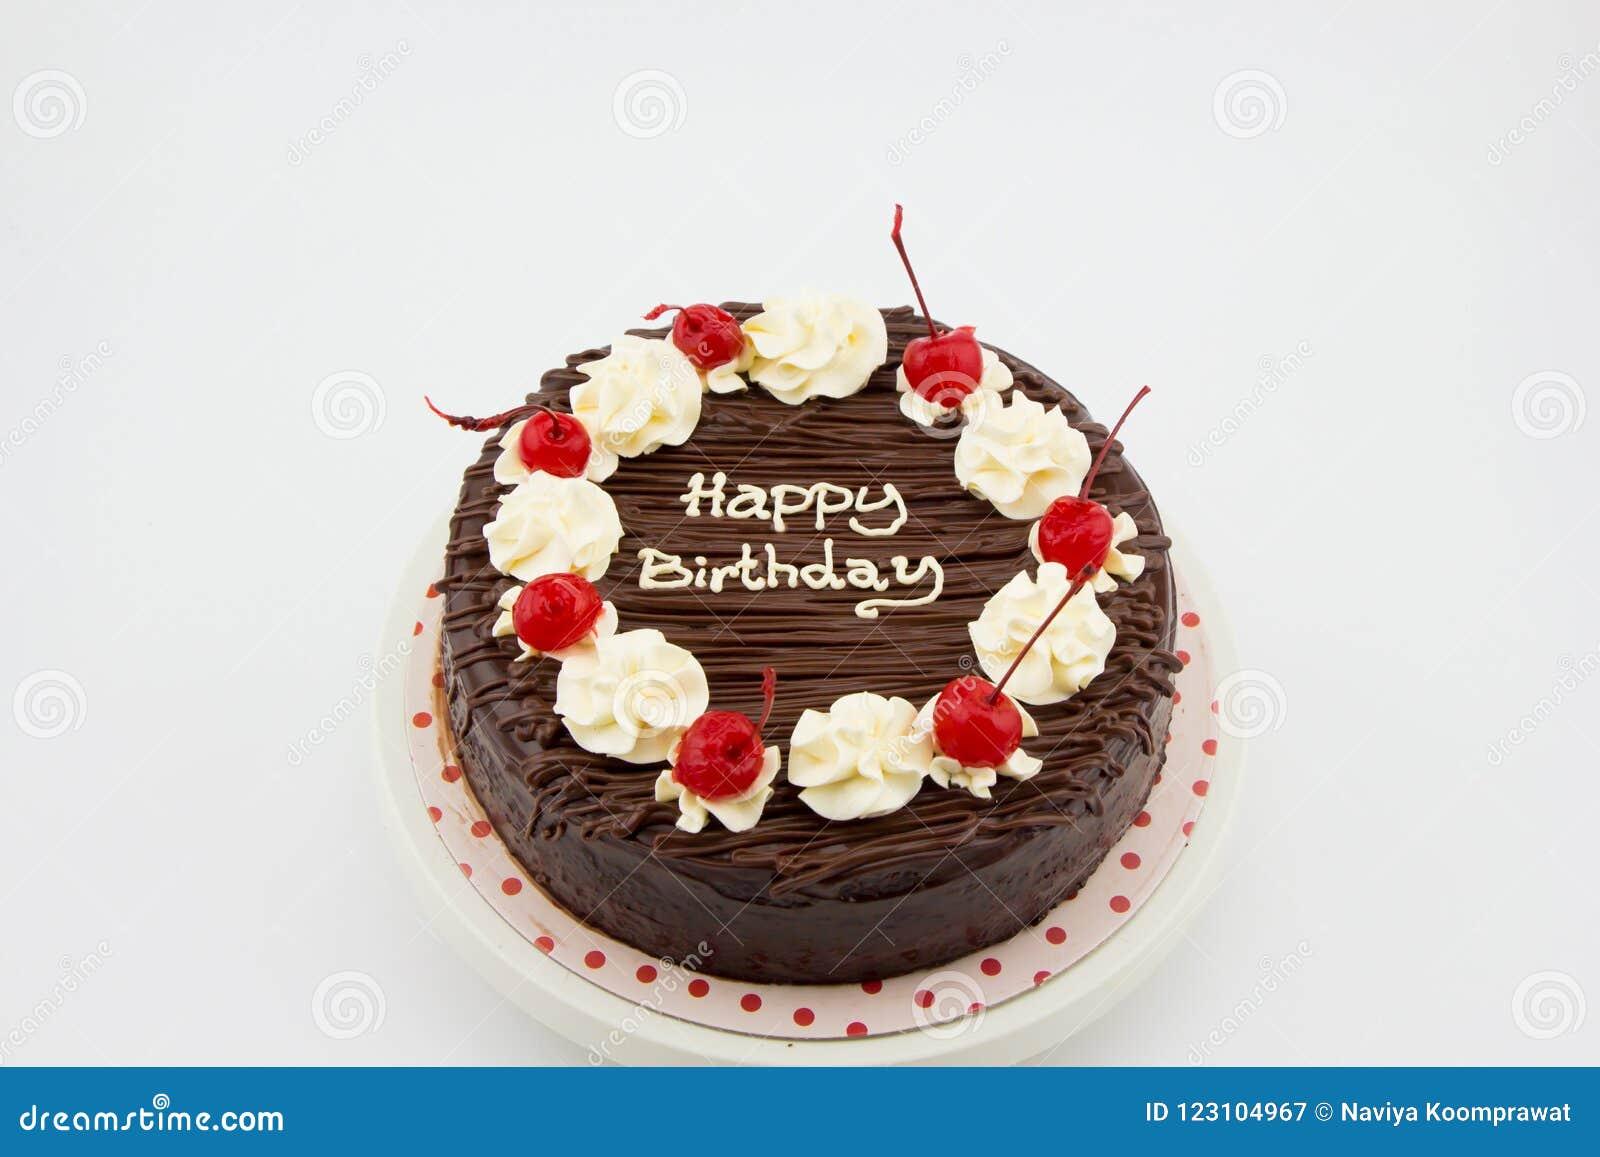 Czekoladowy tort, Czekoladowego Fudge tort z wszystkiego najlepszego z okazji urodzin wiadomością